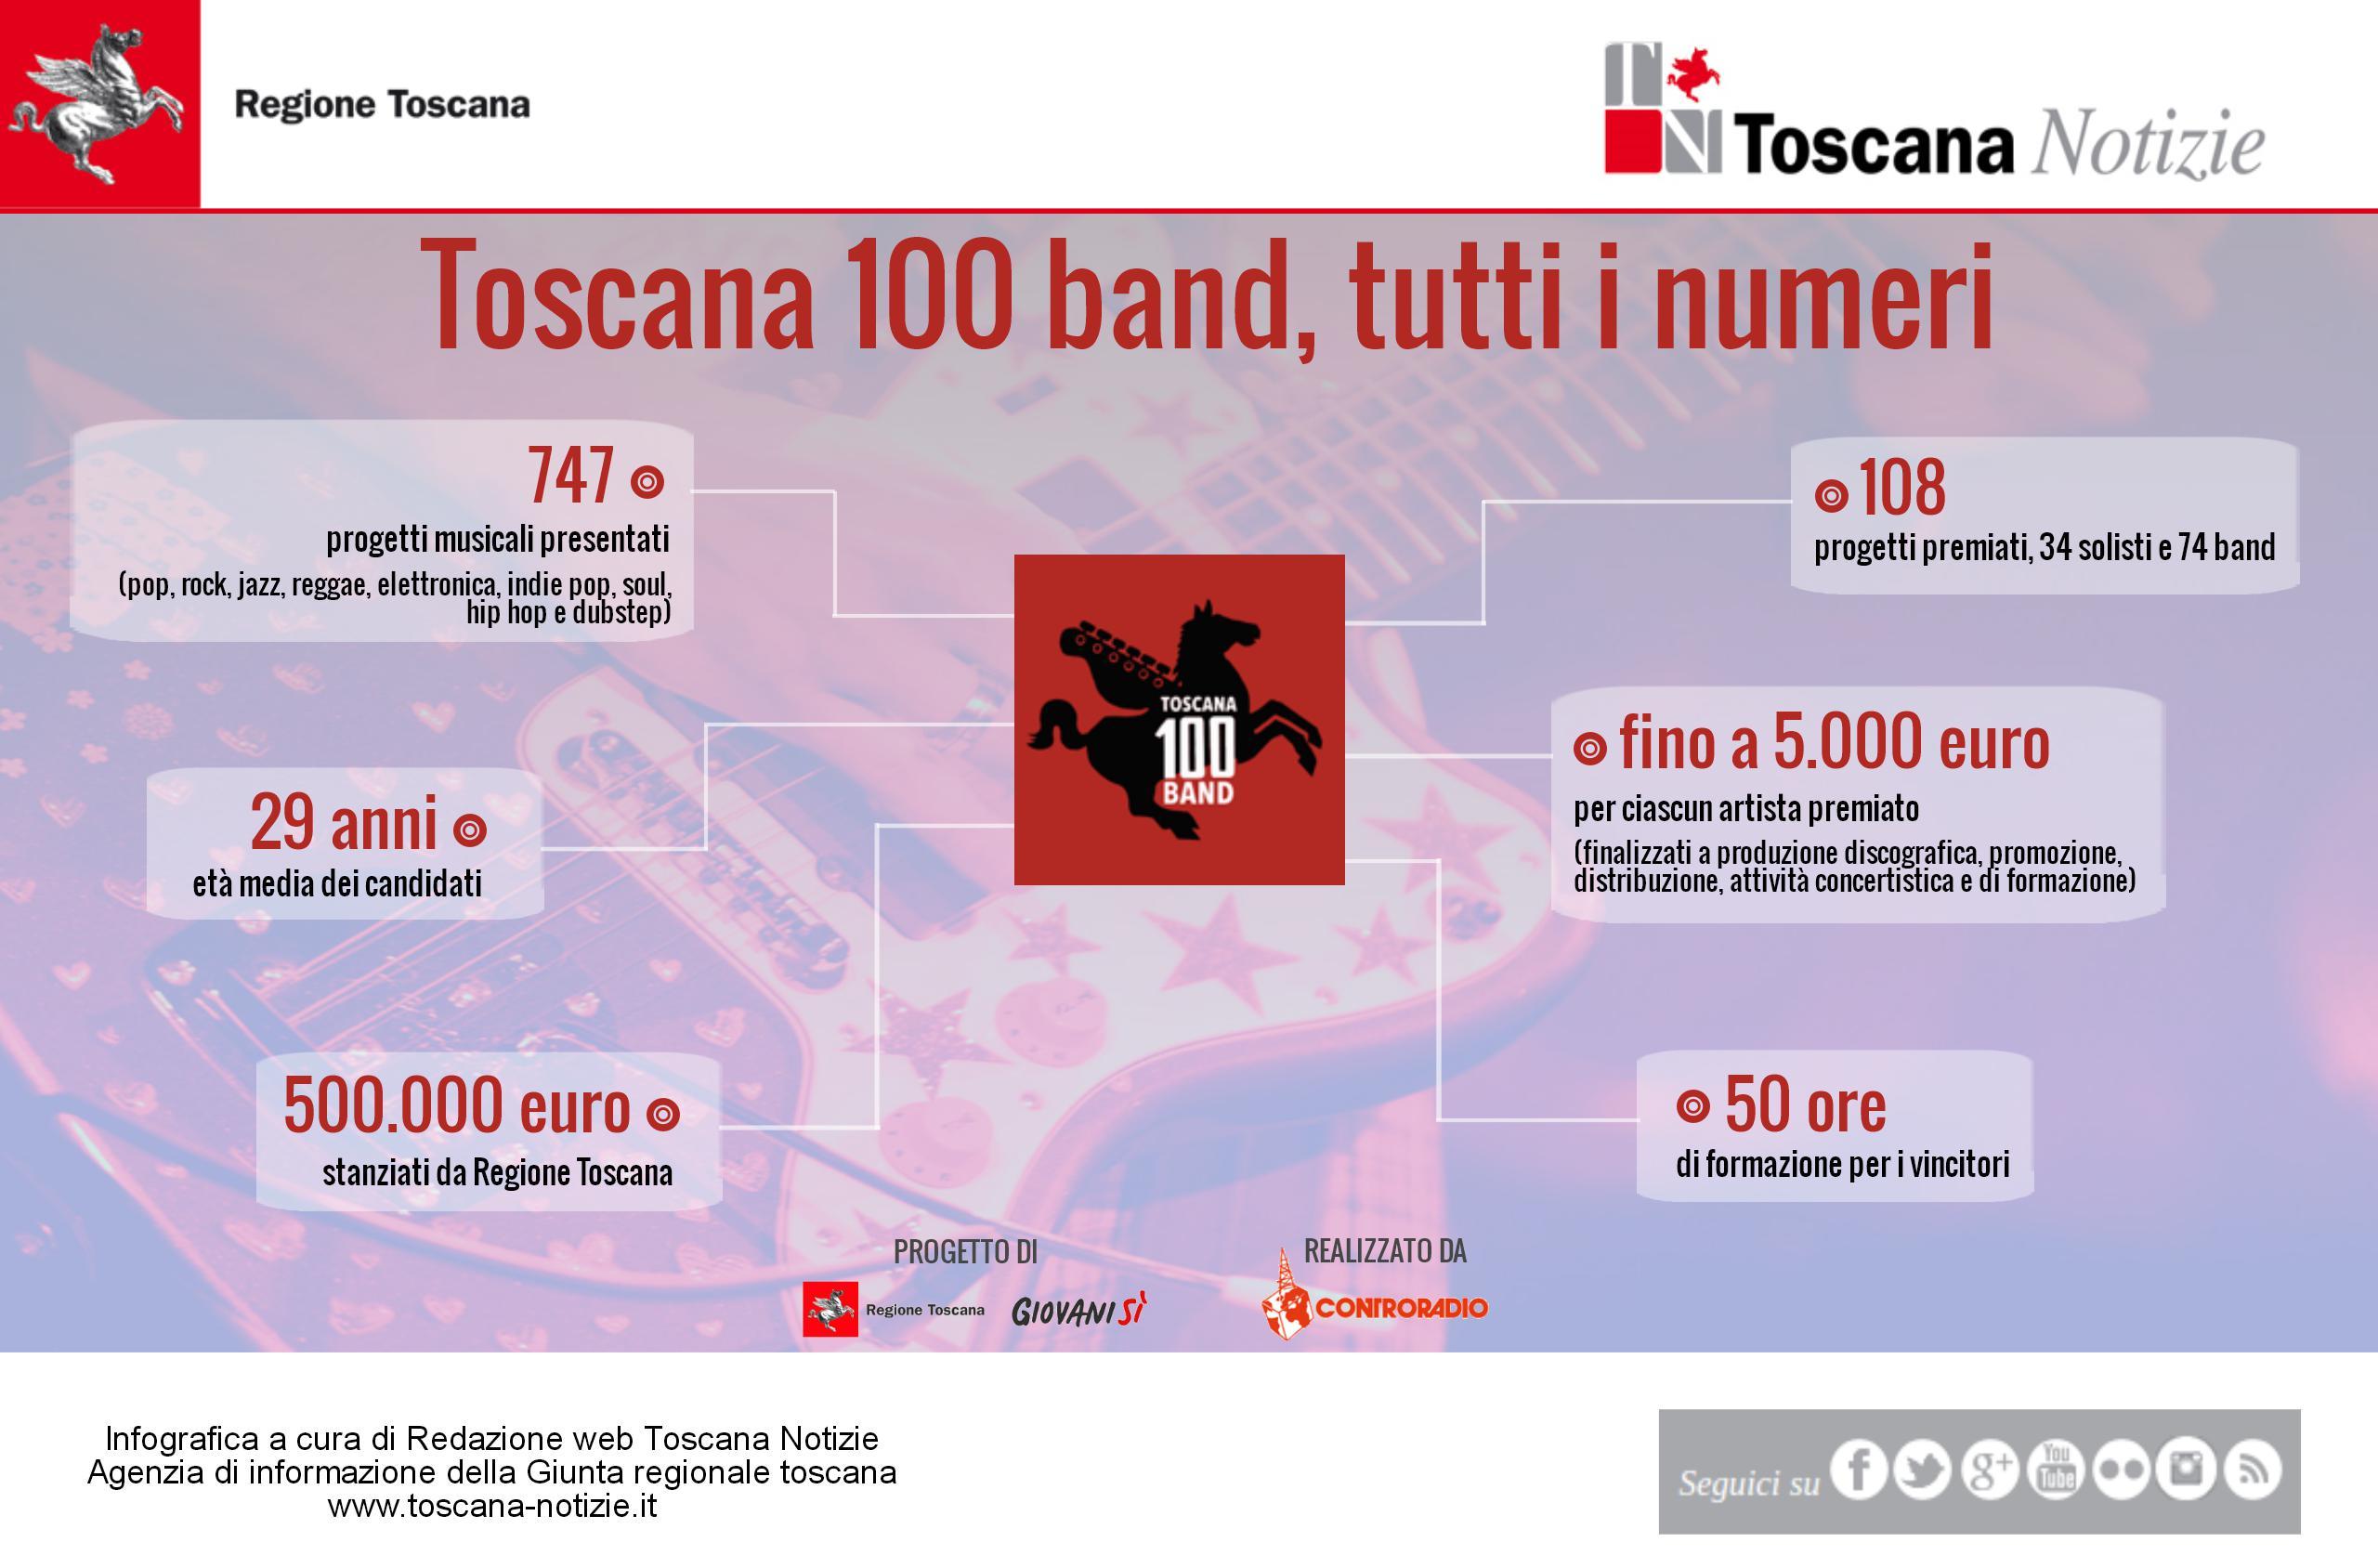 &#8216;Toscana 100 band&#8217;: la graduatoria dei 108 premiati <div class='giovanisi-subtitle'>Successo di partecipazione con 747 domande inviate tra band e solisti </div>